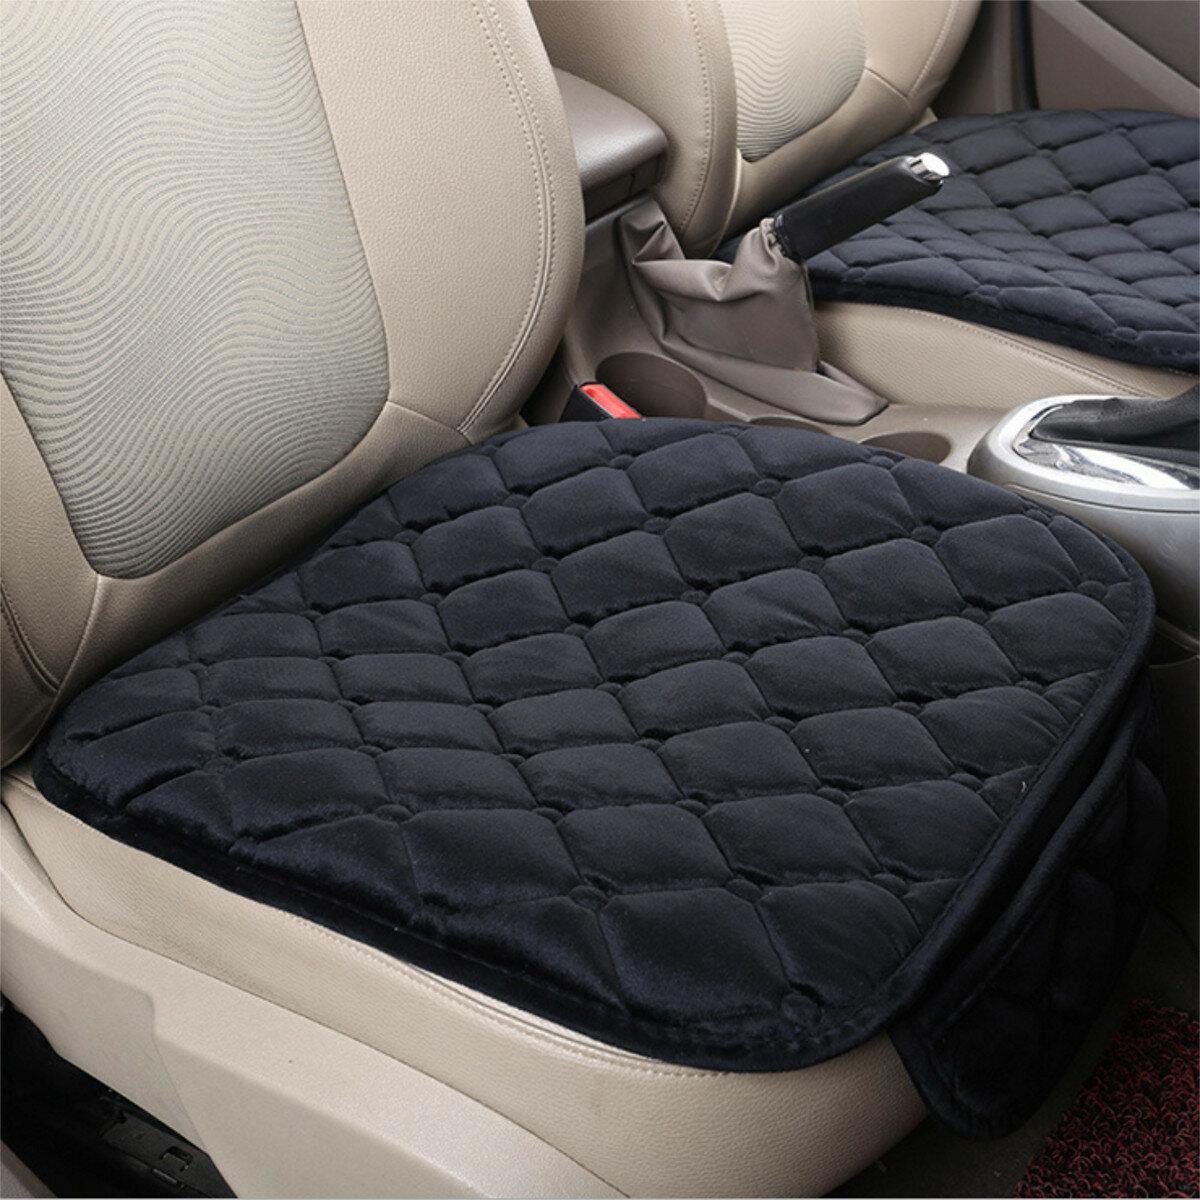 Coussin de siège avant de voiture en peluche couvre tapis de protection de siège de chaise respirante pour quatre saisons